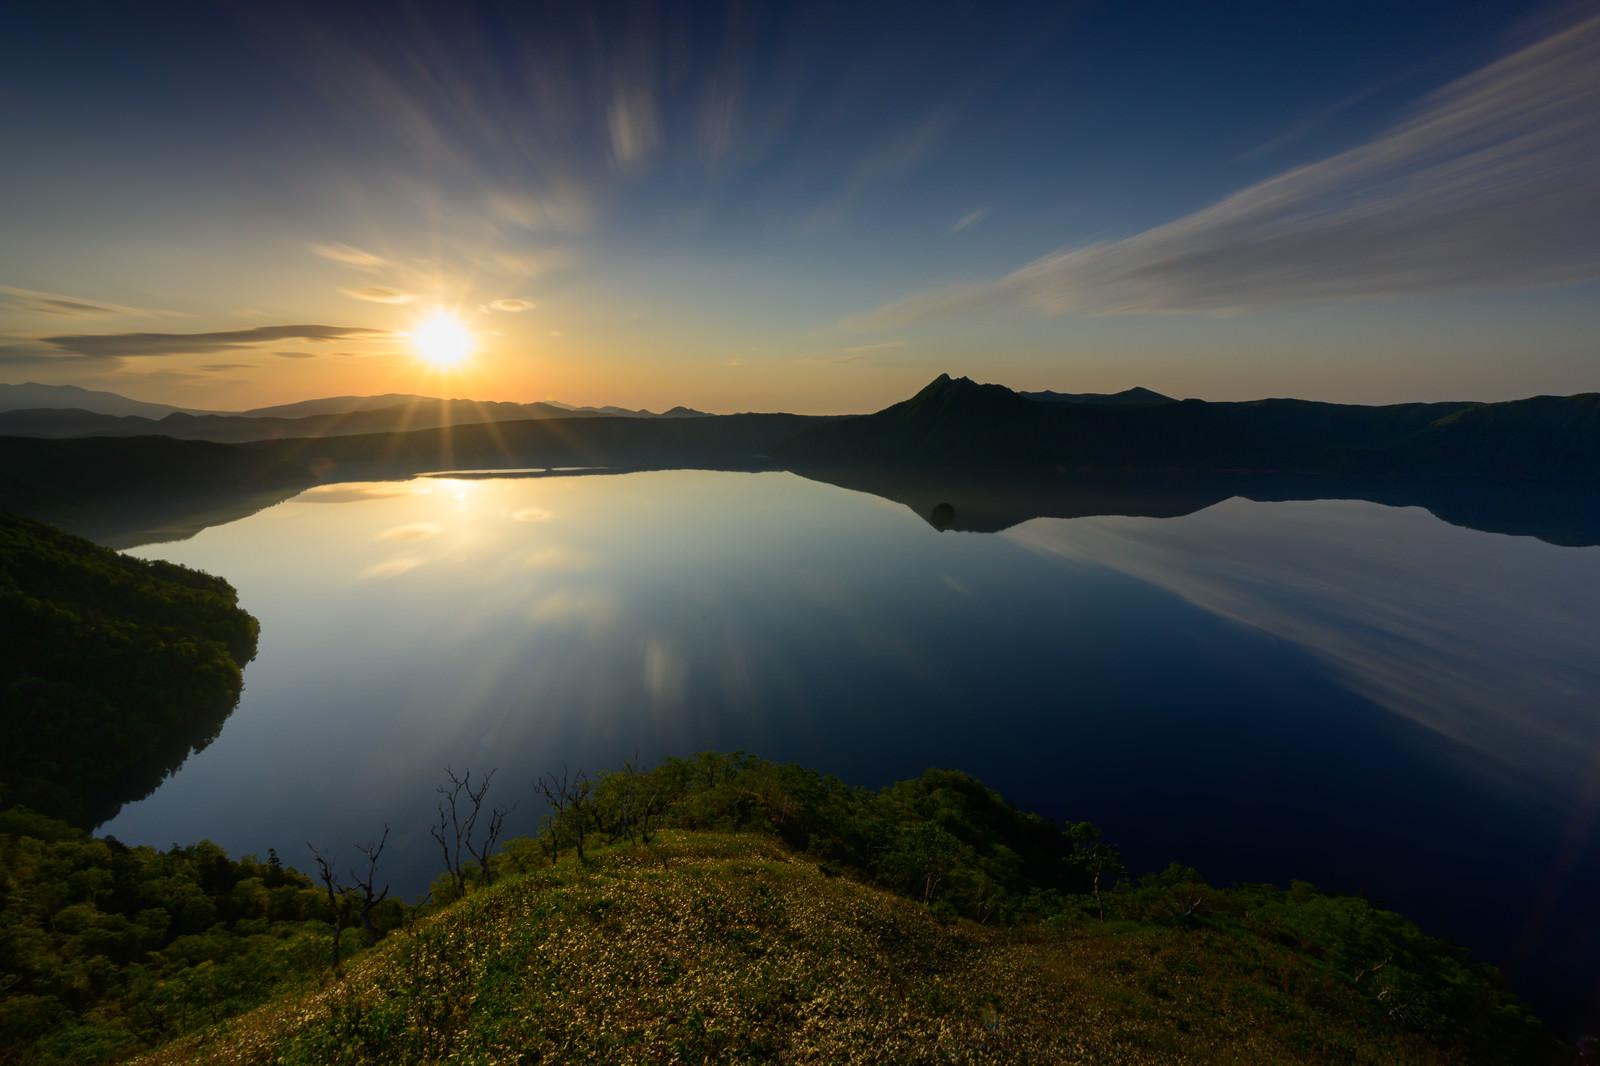 「朝日が昇る摩周湖(北海道川上郡弟子屈町)」の写真